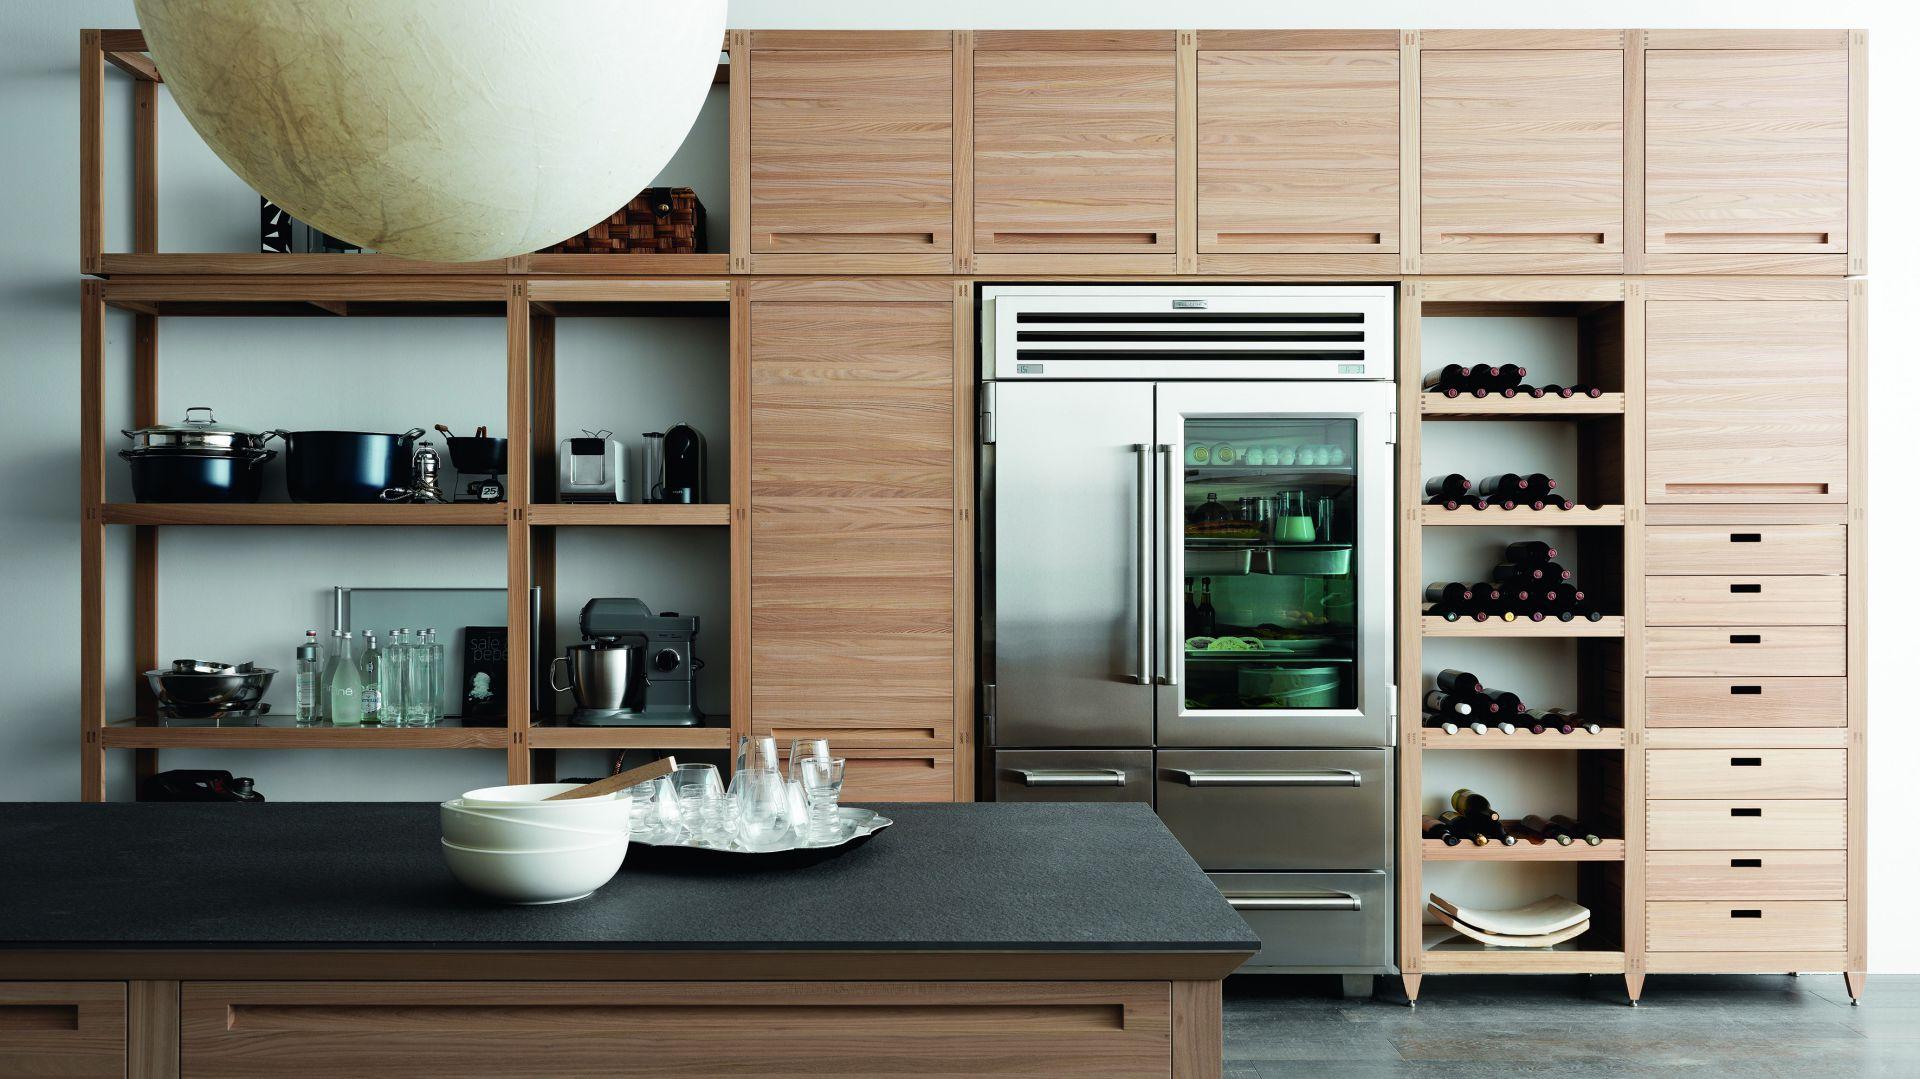 Przechowywanie W Kuchni Szafki Półki Szuflady 15 Sprawdzonych